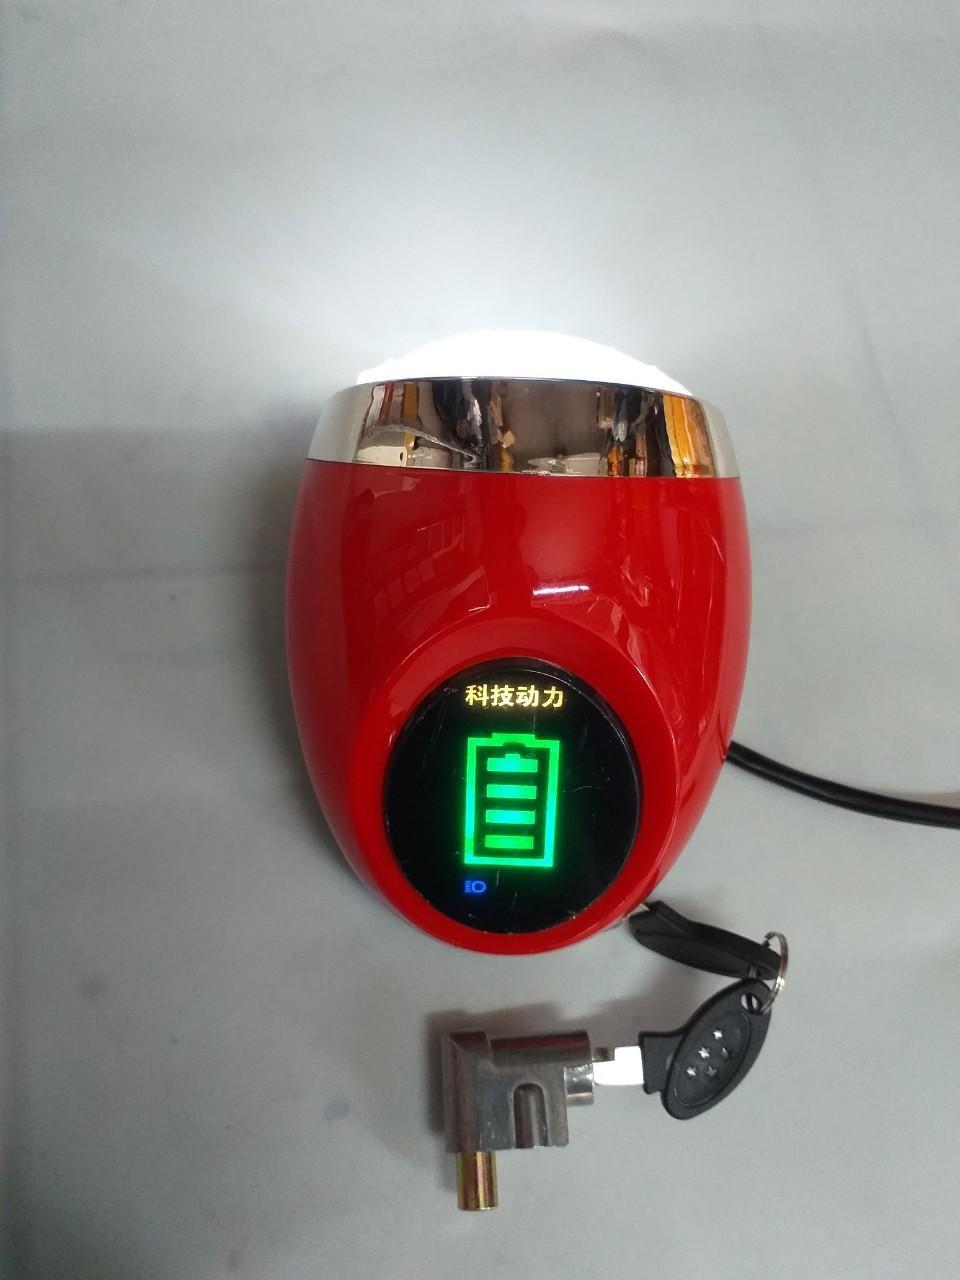 Mua đầu đèn xe đạp điện giá tốt- dau den - đầu đèn xe đạp điện - đầu đèn xe điện kiểu mới - đầu đèn MILAN